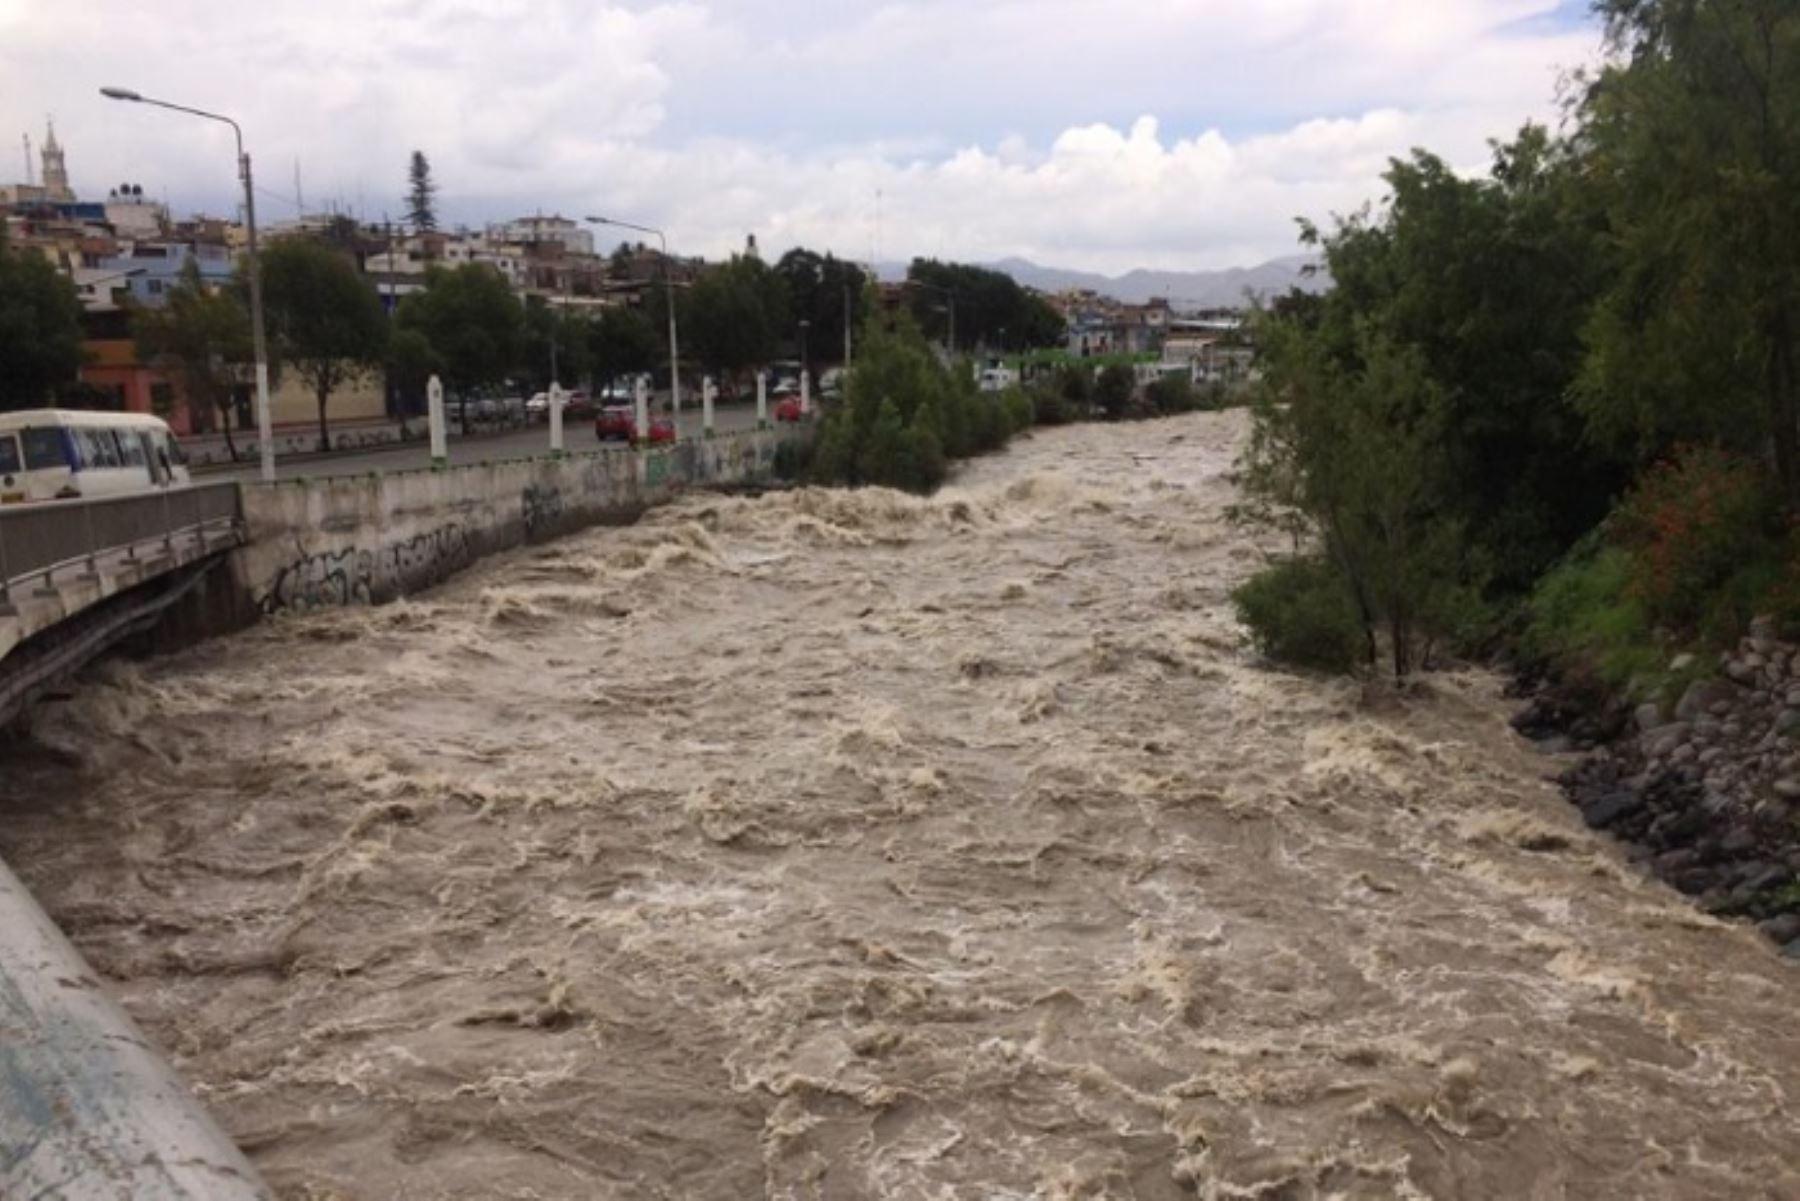 En Arequipa evalúan suspender tránsito por puentes debido al aumento del caudal del río Chili. Foto: ANDINA/Difusión